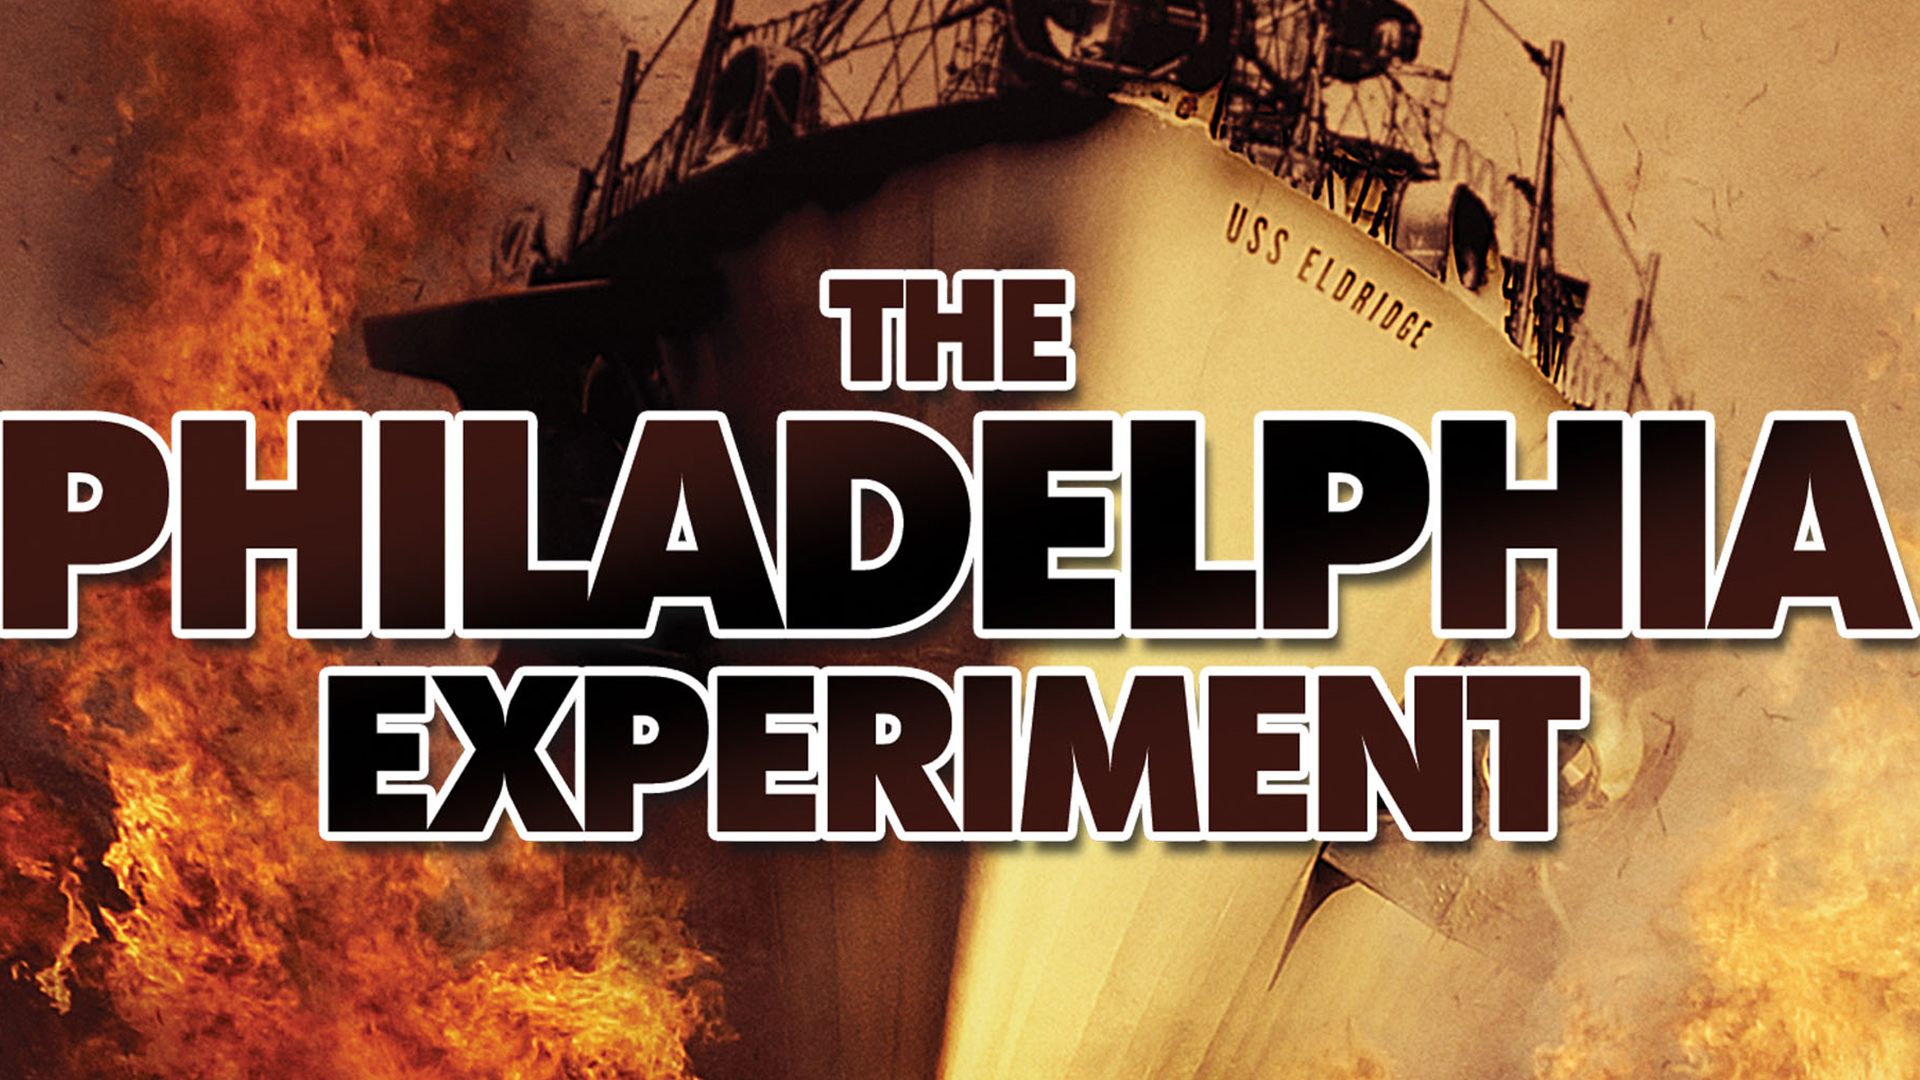 The Philadelphia Experiment (2013)